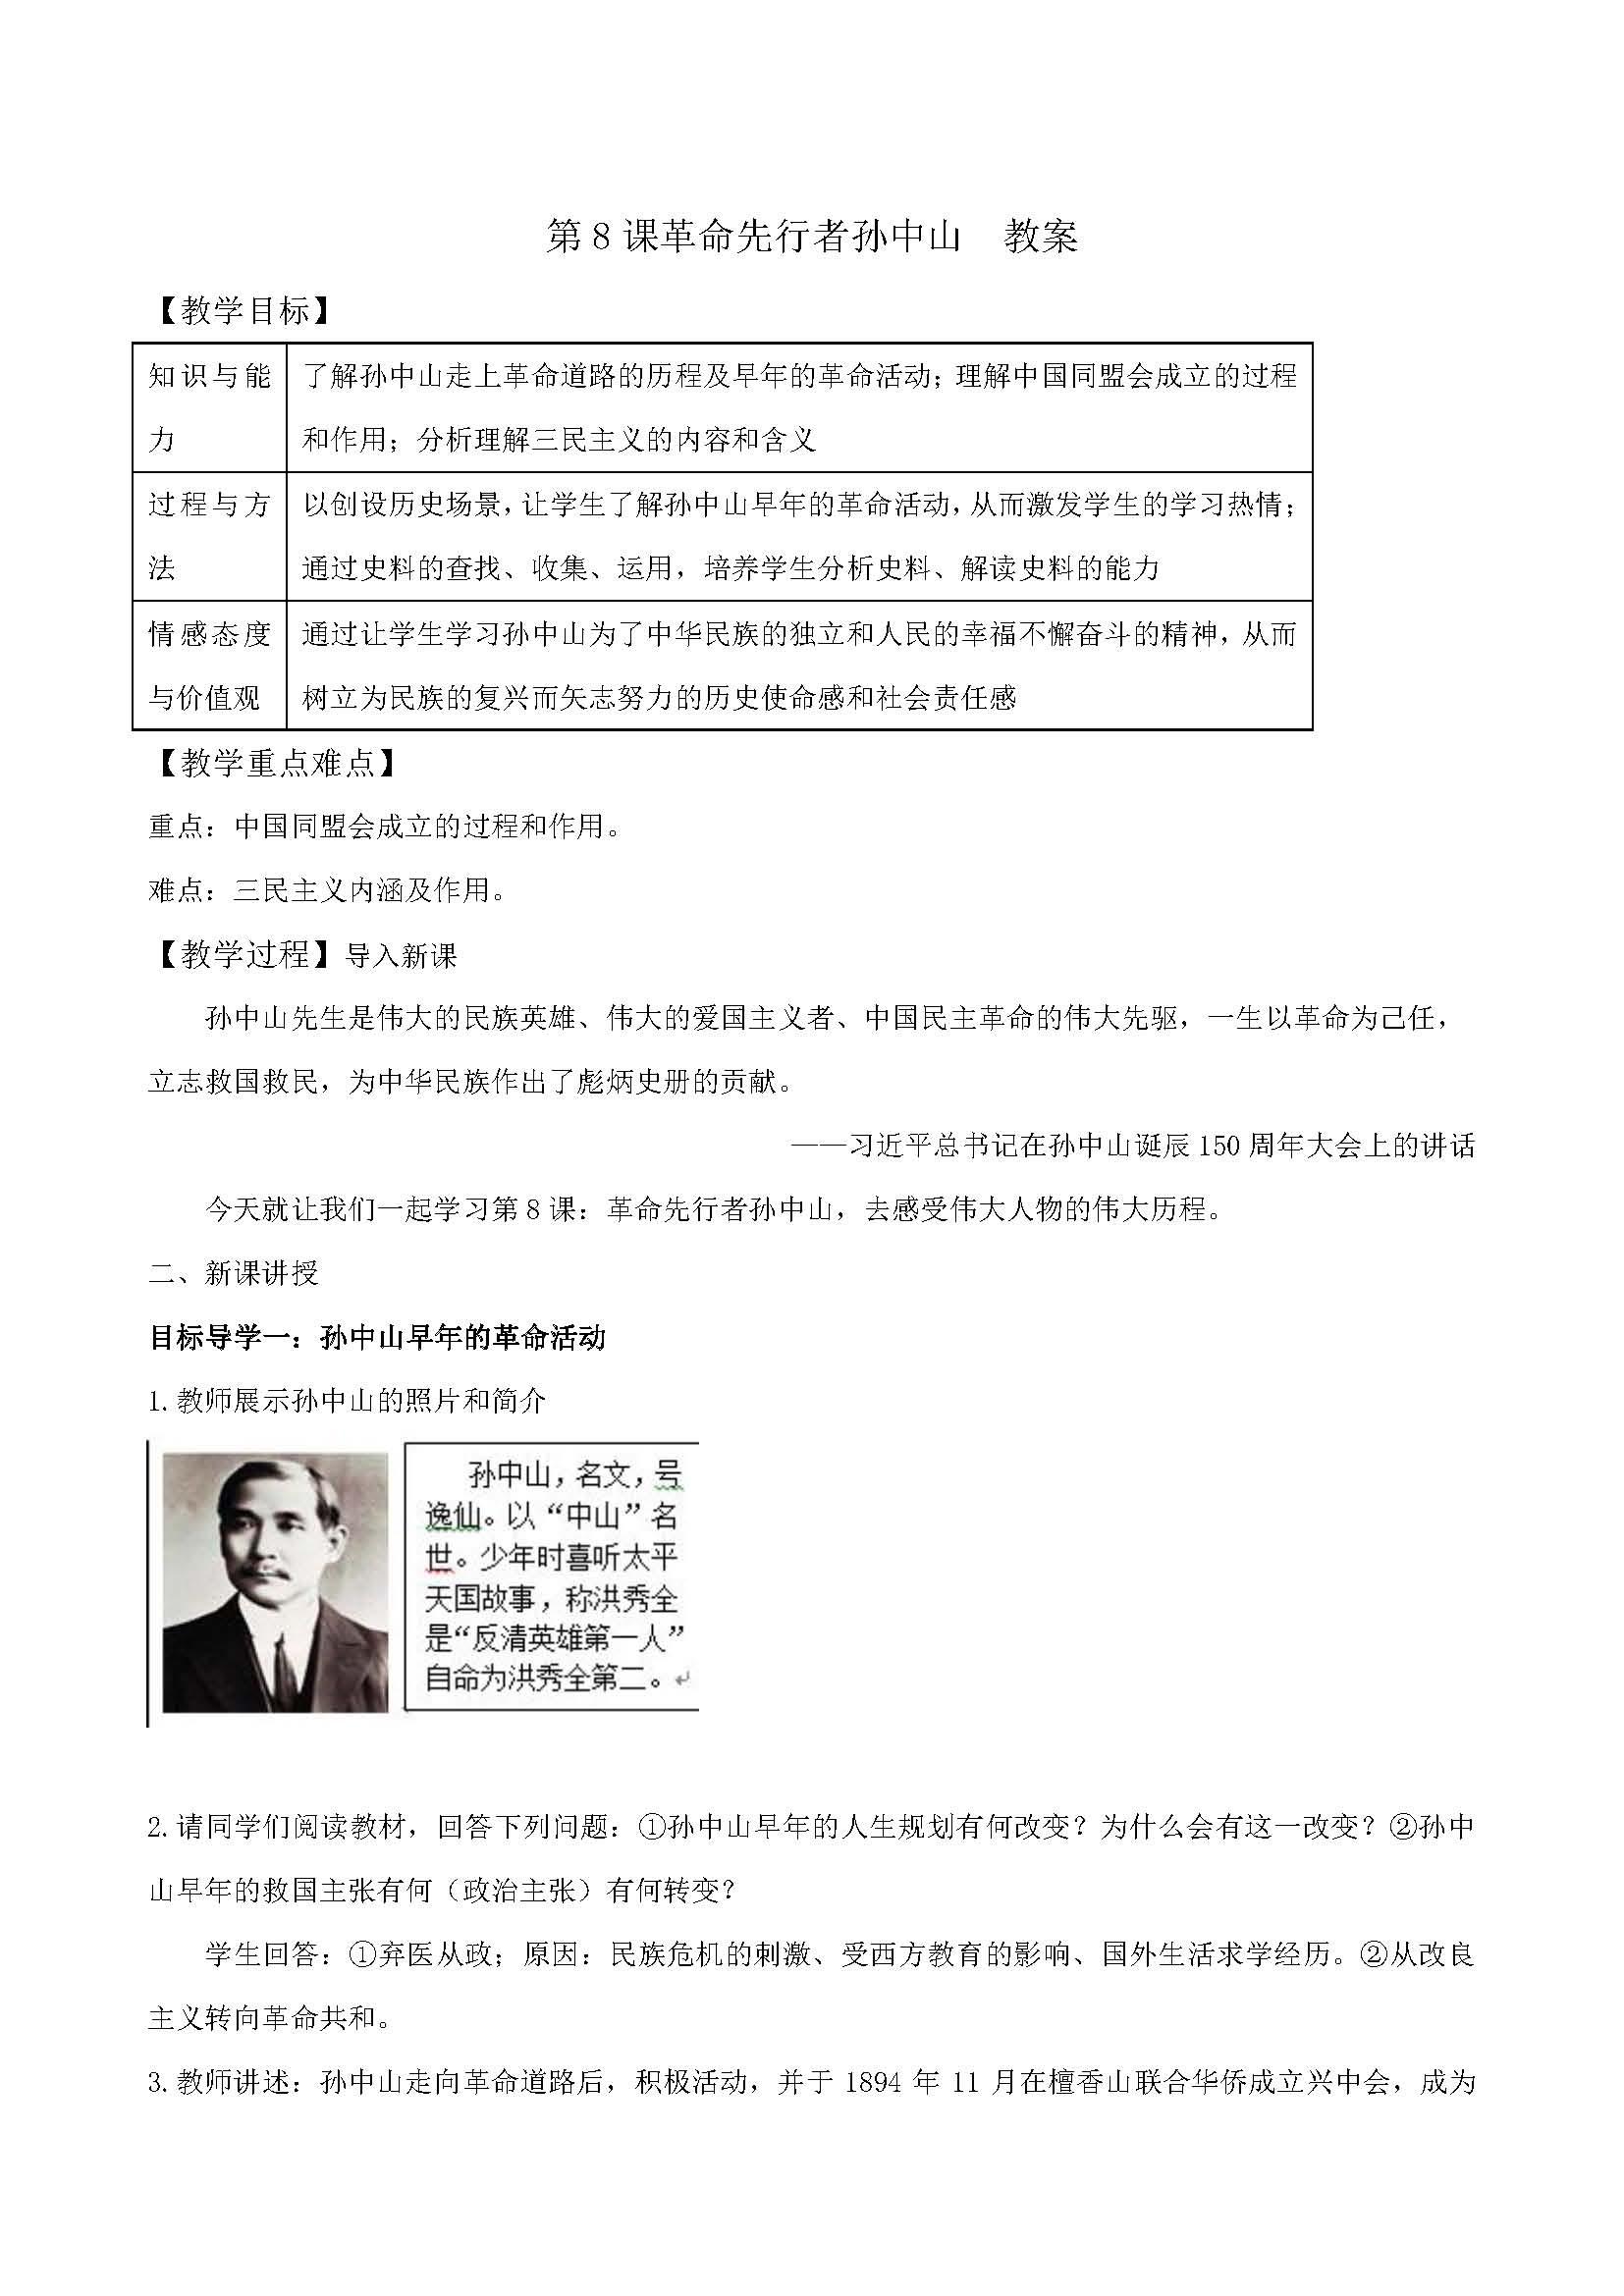 人教版初二上历史教案第08课革命先行者孙中山